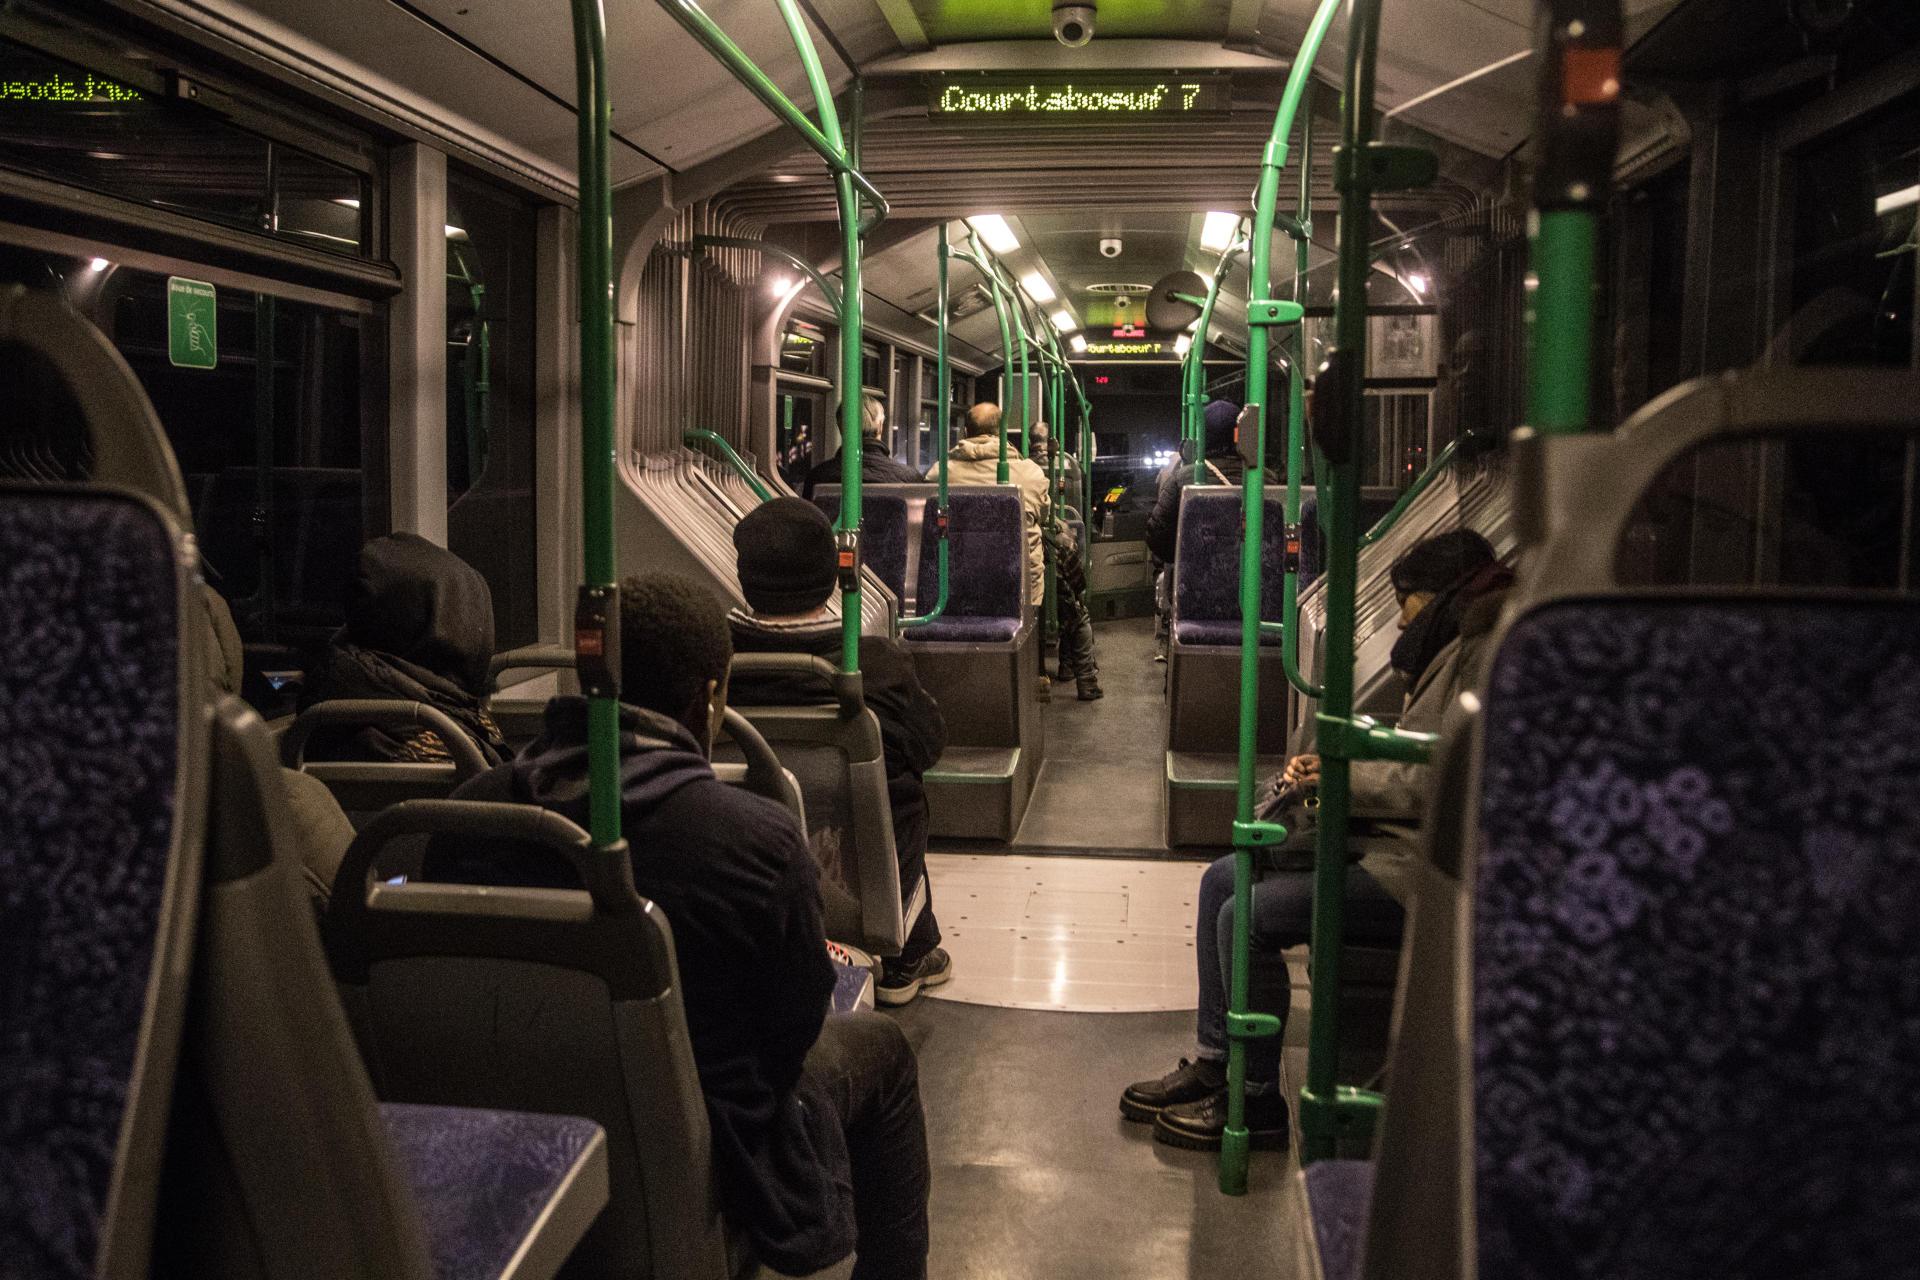 Bus de nuit emprunté par Abdoul (prénom modifié), ripeur intérimaire, pour se rendre au travail. Il doit prévoir 1 h 30 de transport en commun.